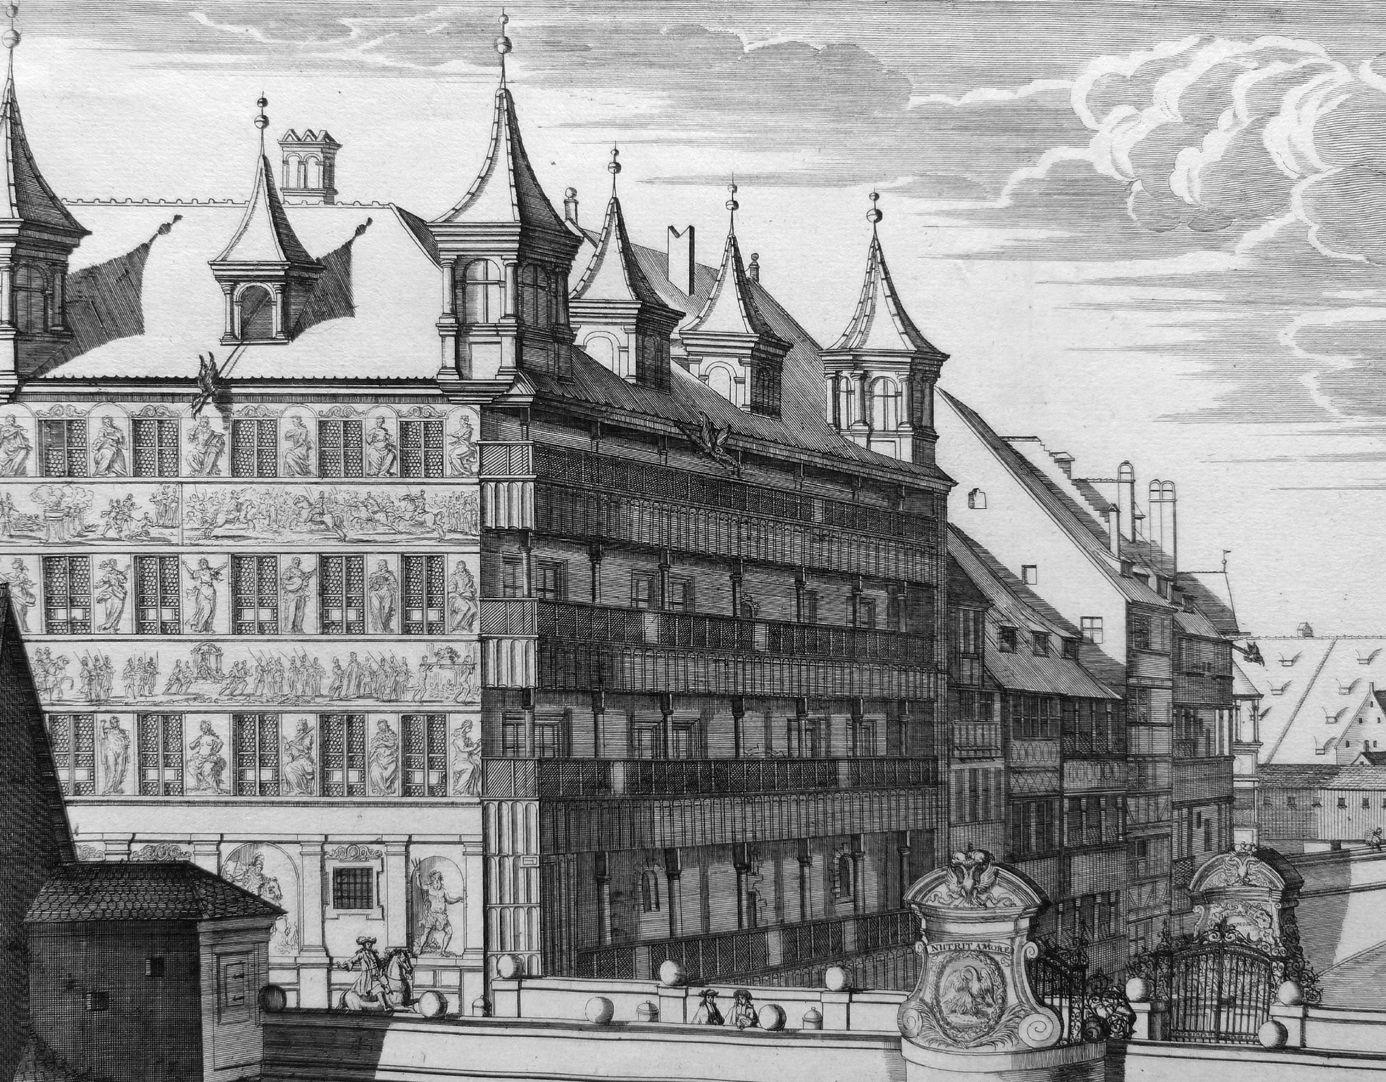 """""""Die A.C.1700.zu Ihrer Kaiserlichen und königlichen Majestäten …"""" Neue Brücke mit Viatishaus Bildausschnit mit Viatishaus"""